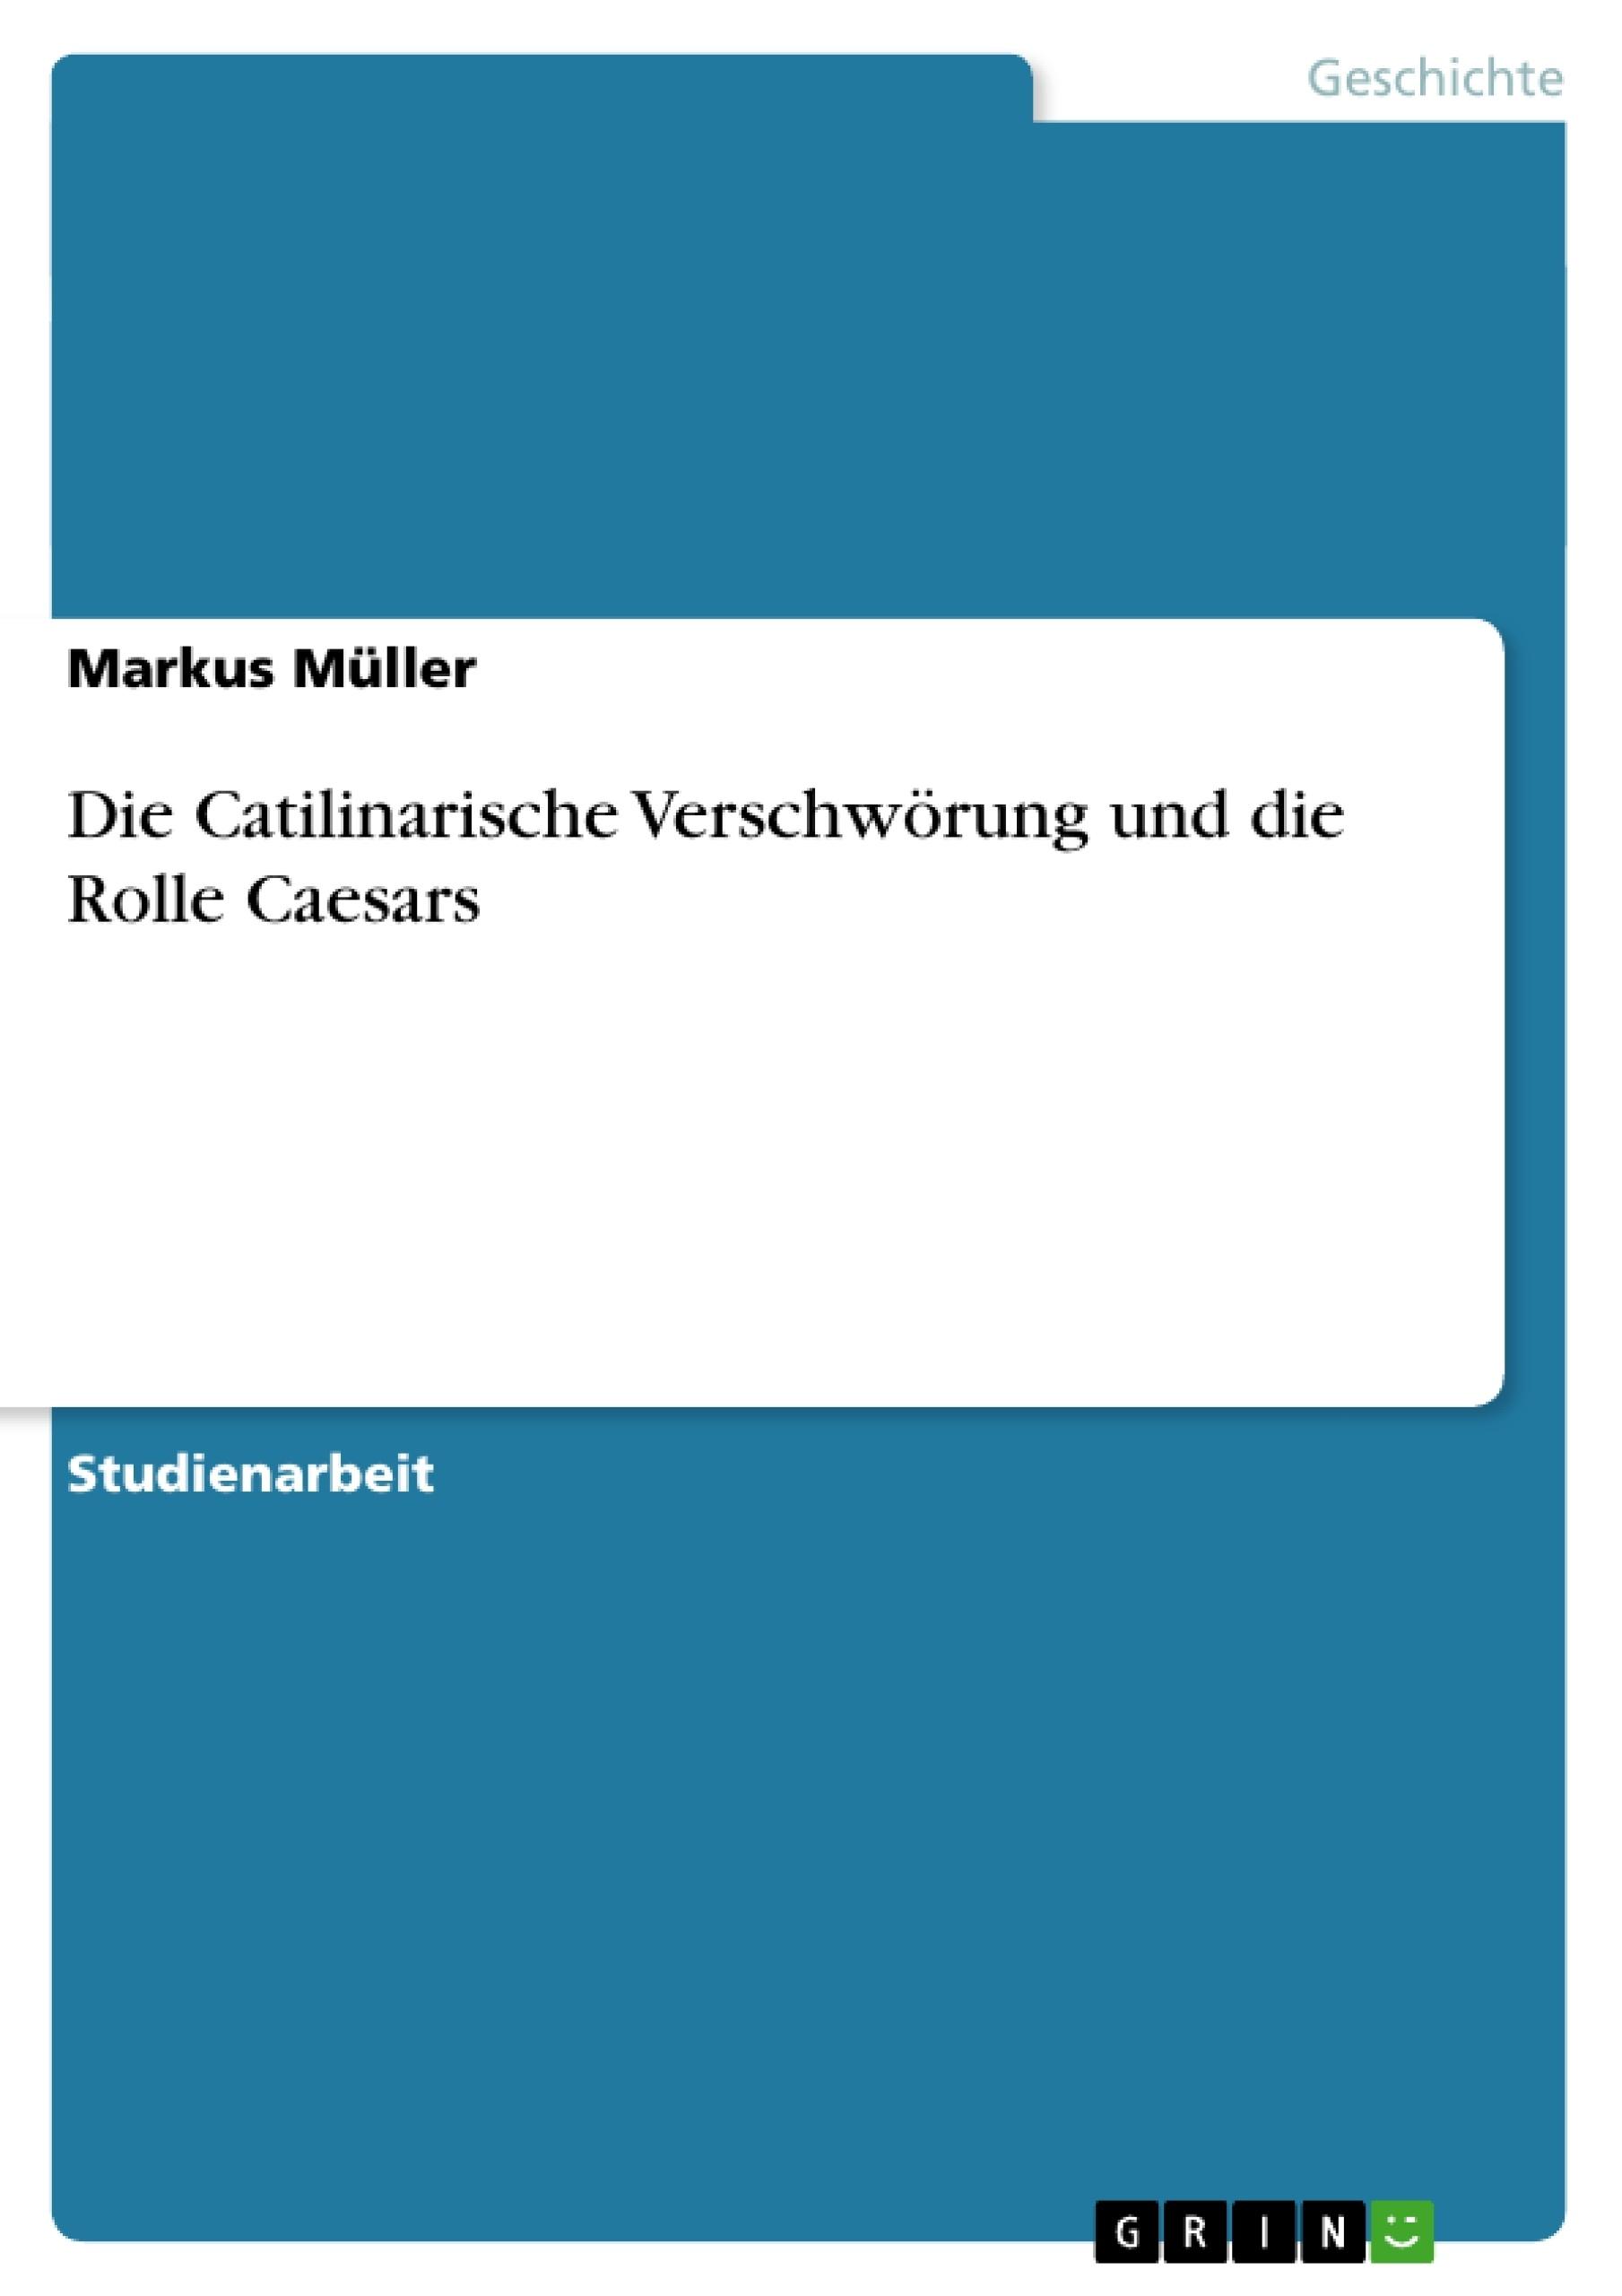 Titel: Die Catilinarische Verschwörung und die Rolle Caesars